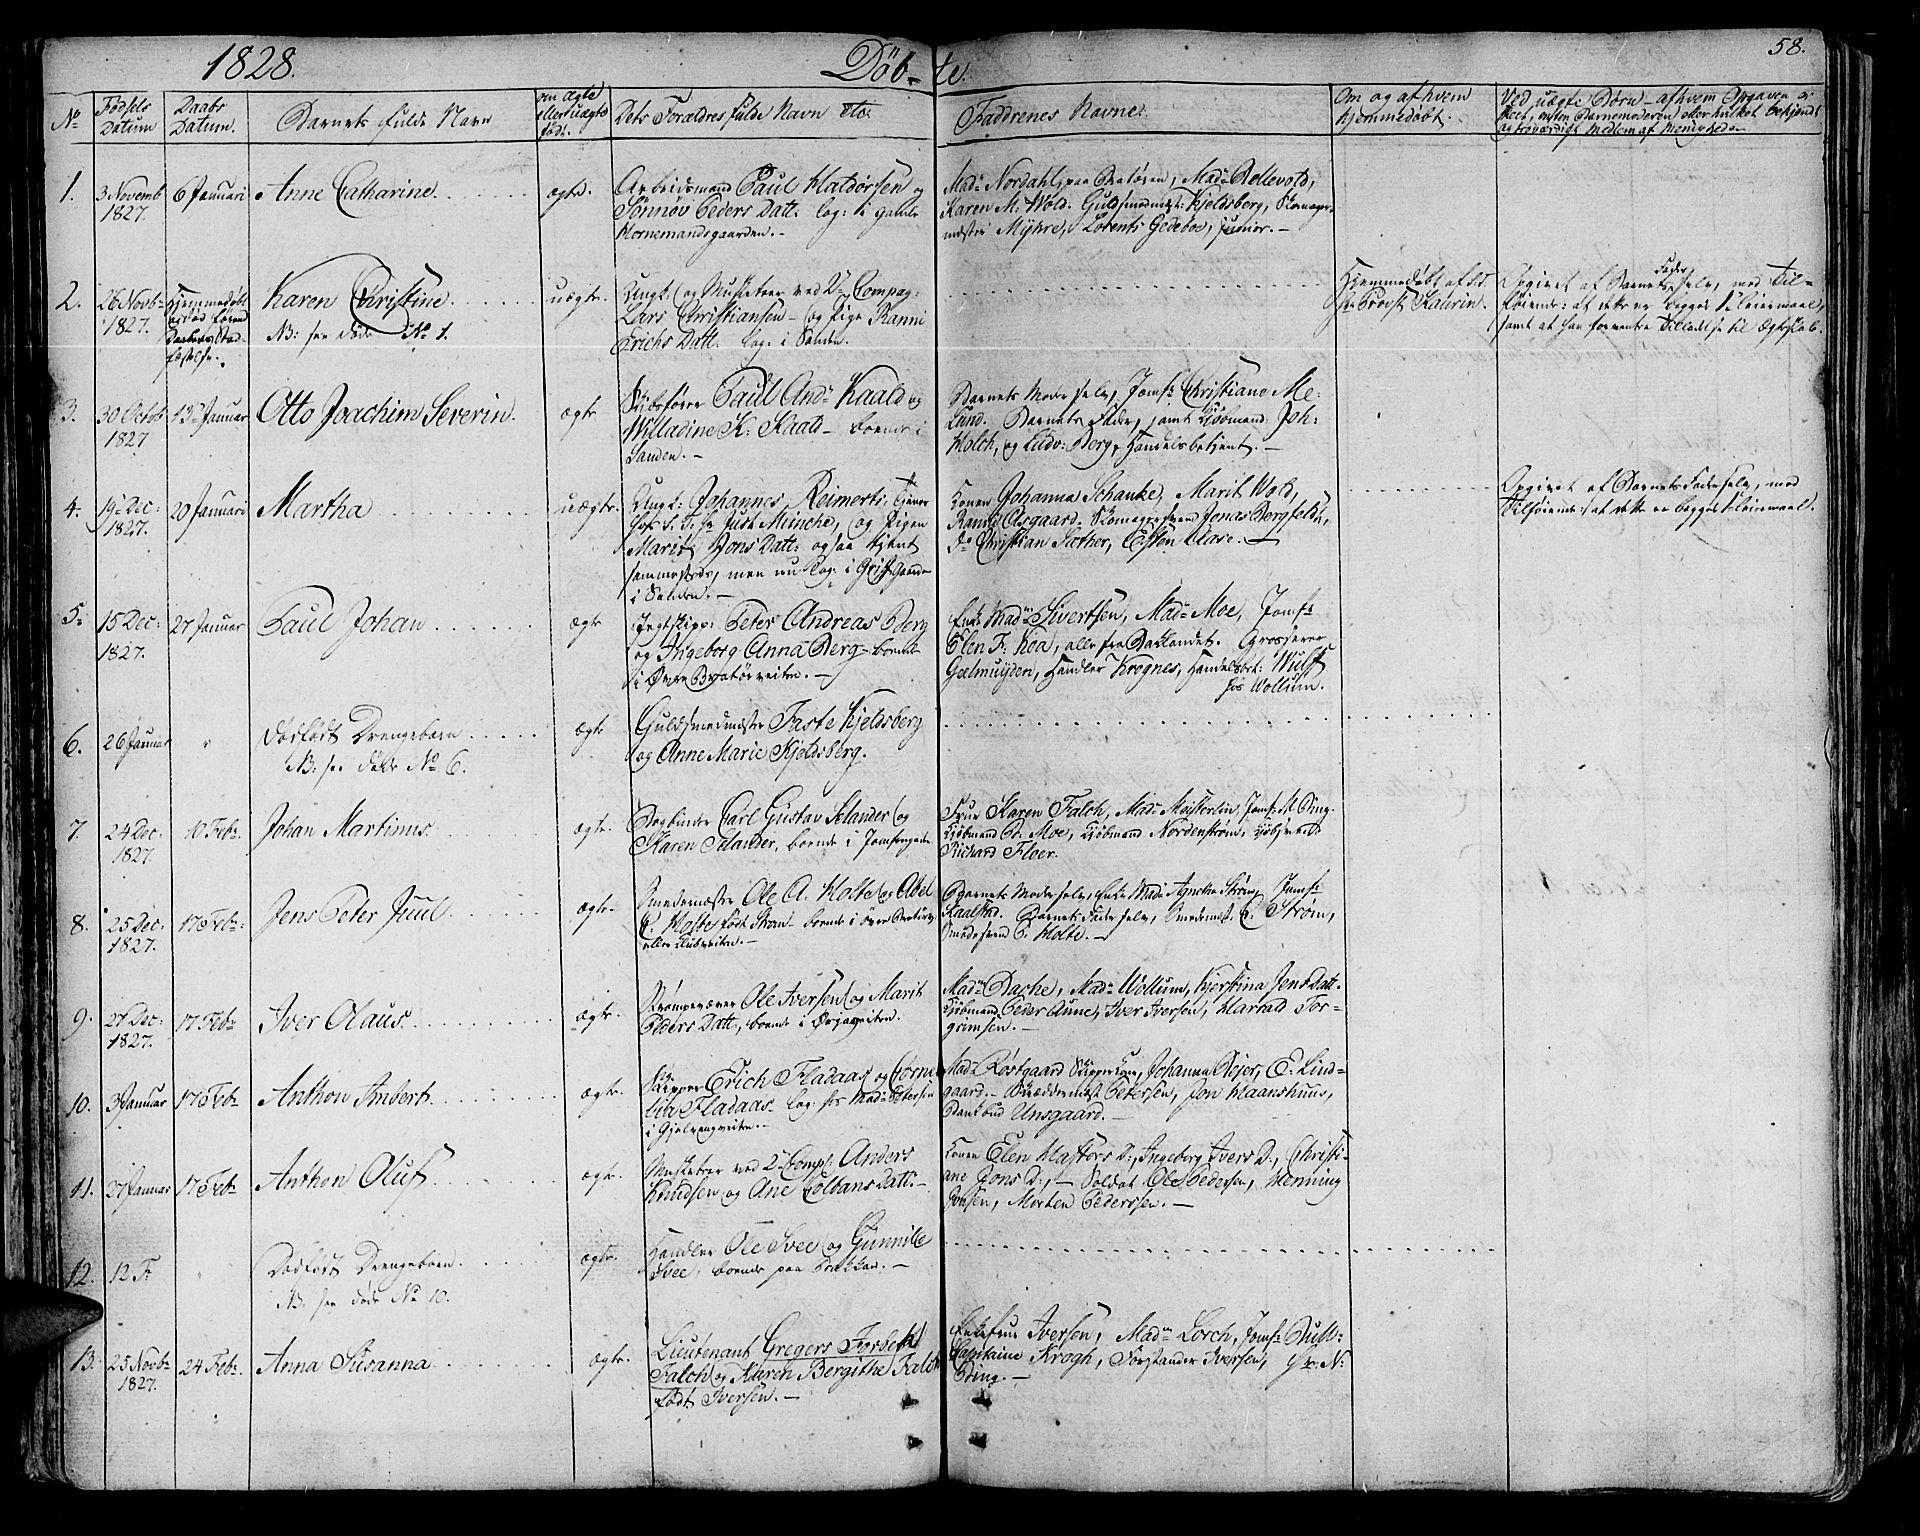 SAT, Ministerialprotokoller, klokkerbøker og fødselsregistre - Sør-Trøndelag, 602/L0108: Ministerialbok nr. 602A06, 1821-1839, s. 58